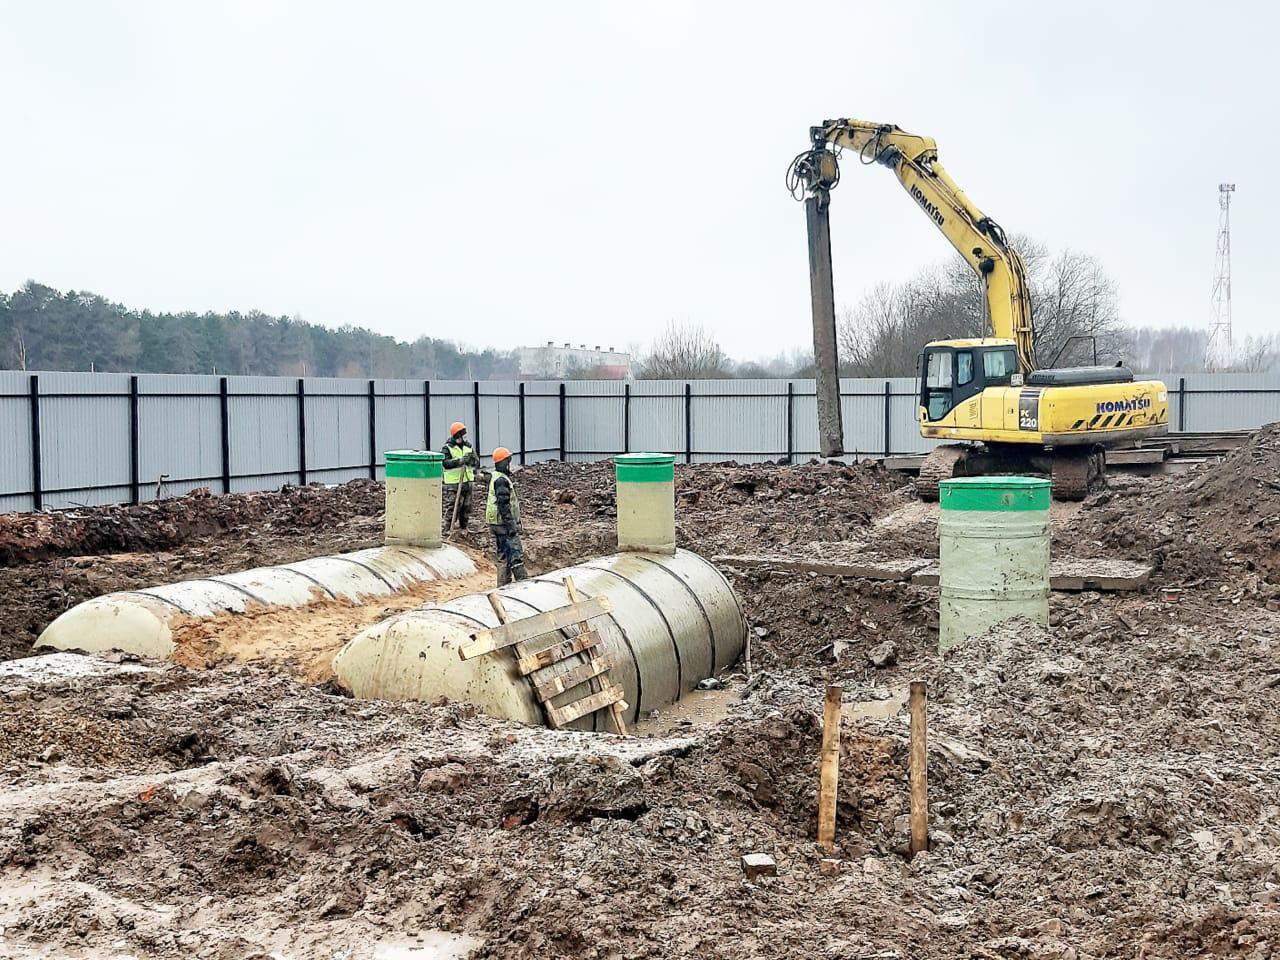 В поселке Красный Профинтерн началась реконструкция очистных сооружений